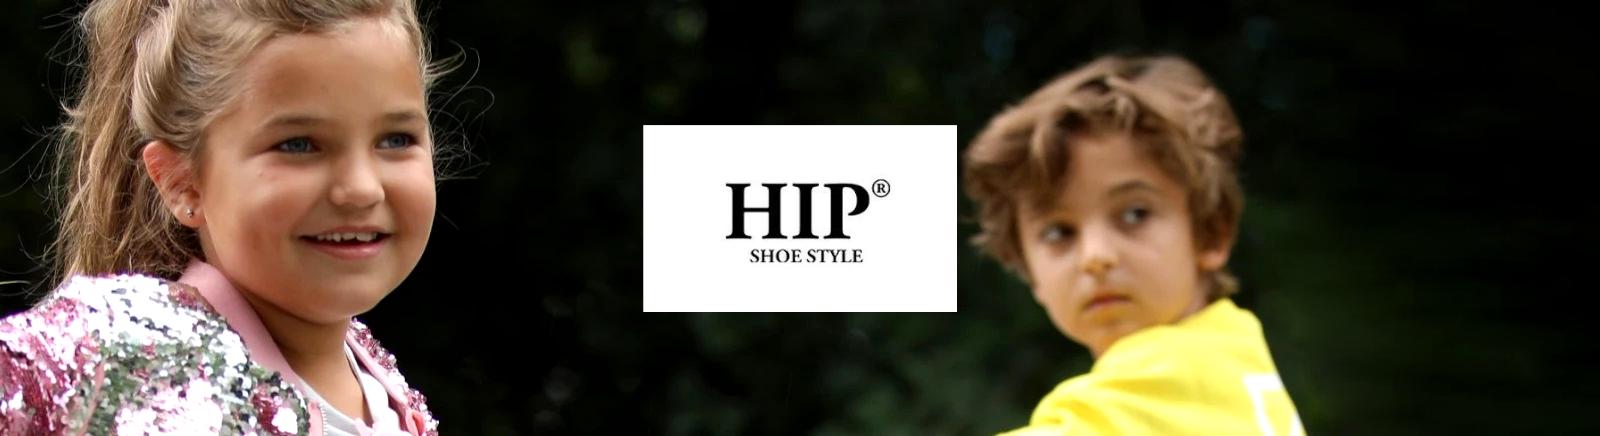 Juppen: HIP Sneaker und Sportschuhe für Kinder online shoppen